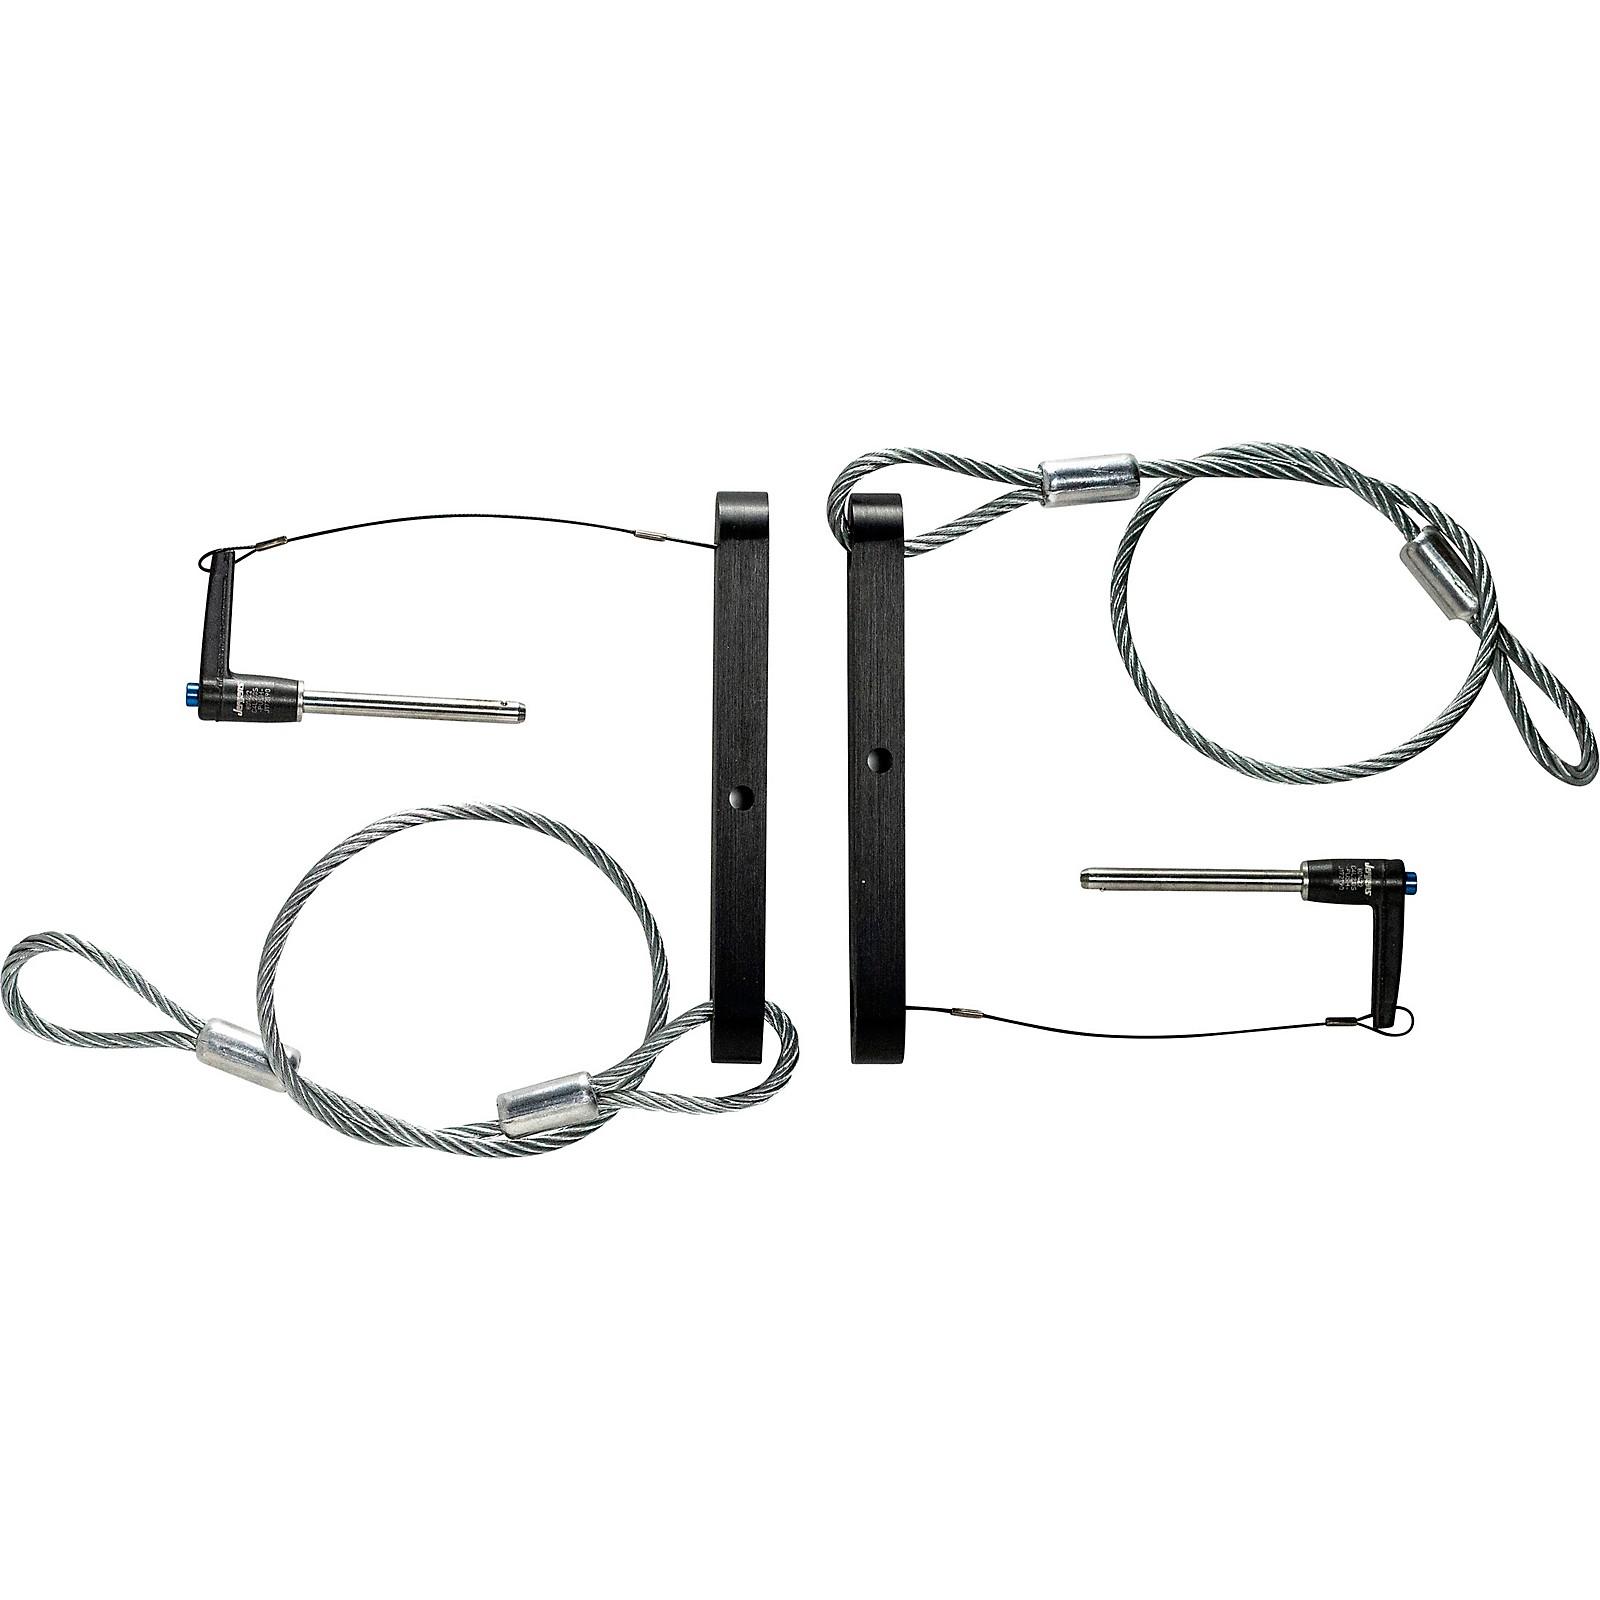 PreSonus PreSonus Rigging Sling for CDL Loudspeakers